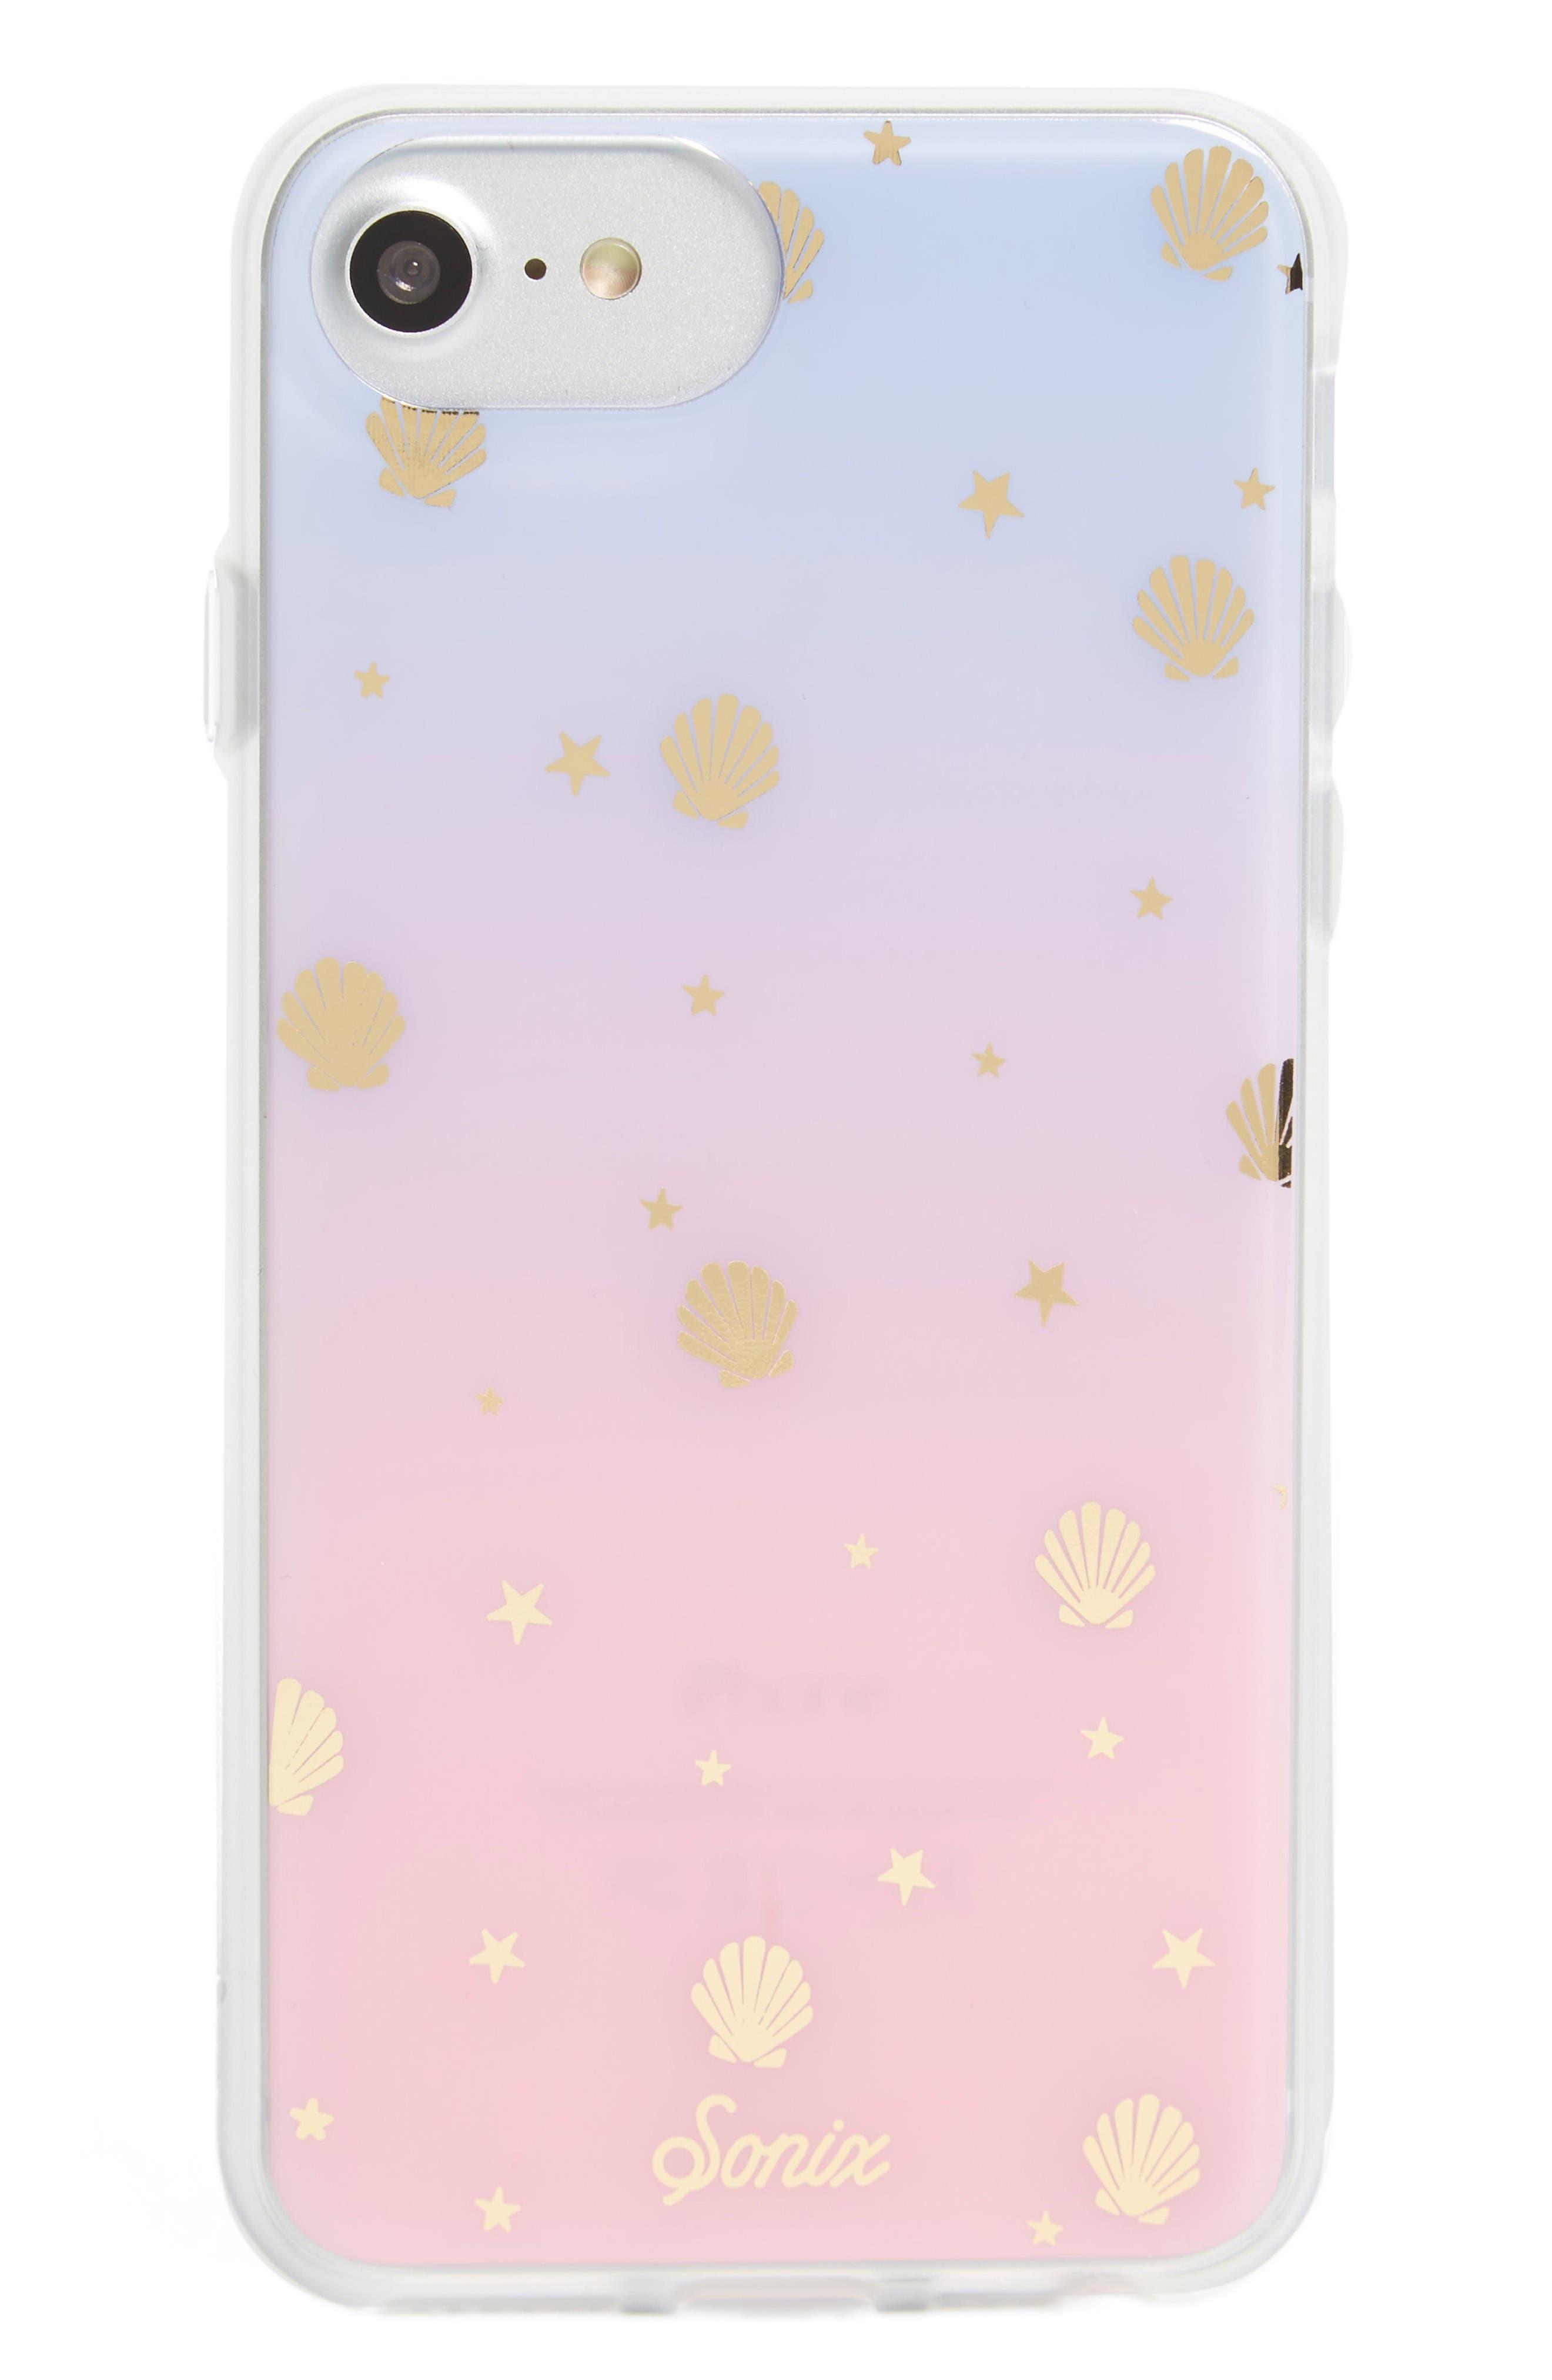 Main Image - Sonix Mermaid Dream iPhone 6/7 & 6/7 Plus Case